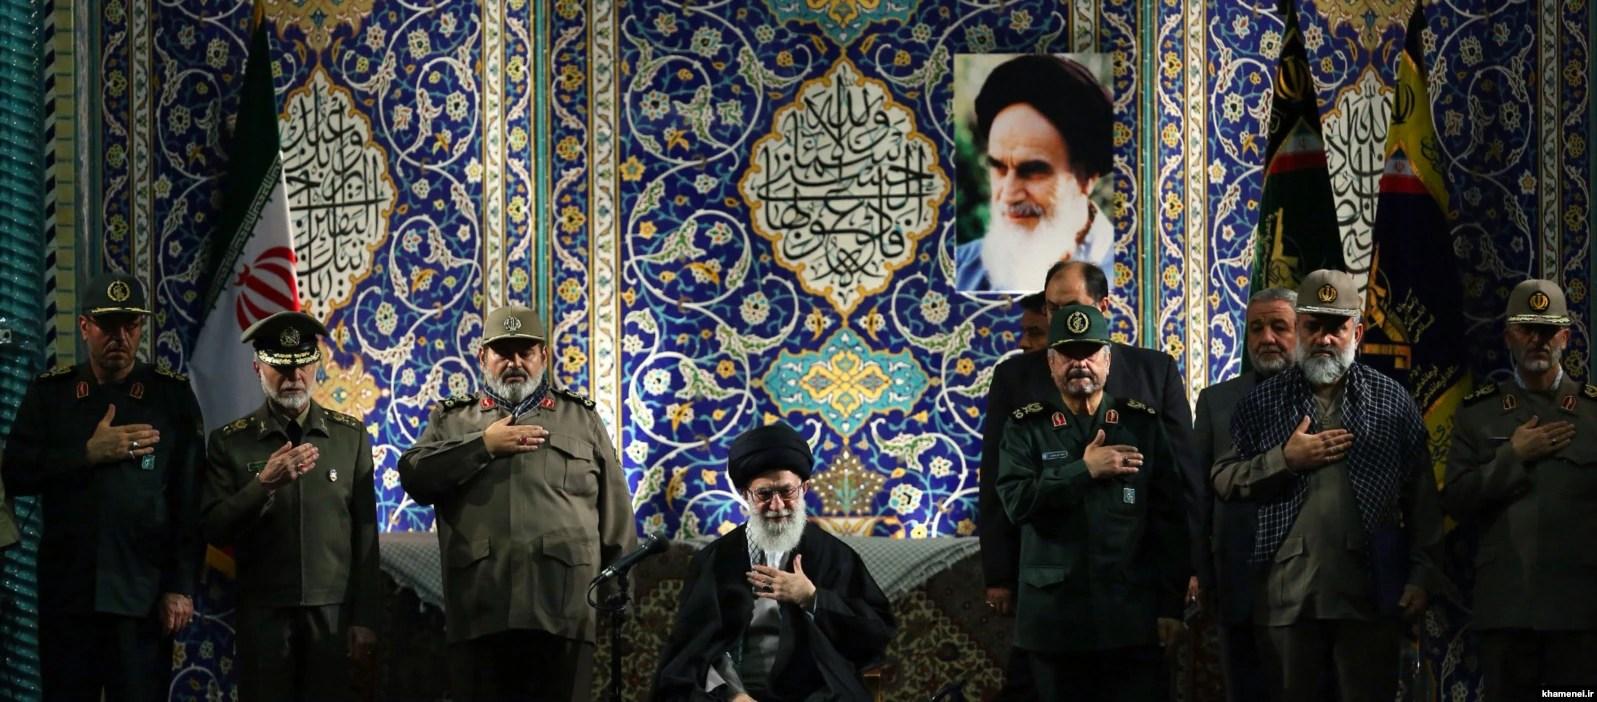 رهبر جمهوری اسلامی و فرماندهان ارشد نیروهای نظامی و انتظامی در دیدار با فرماندهان بسیجی در سال ۹۲